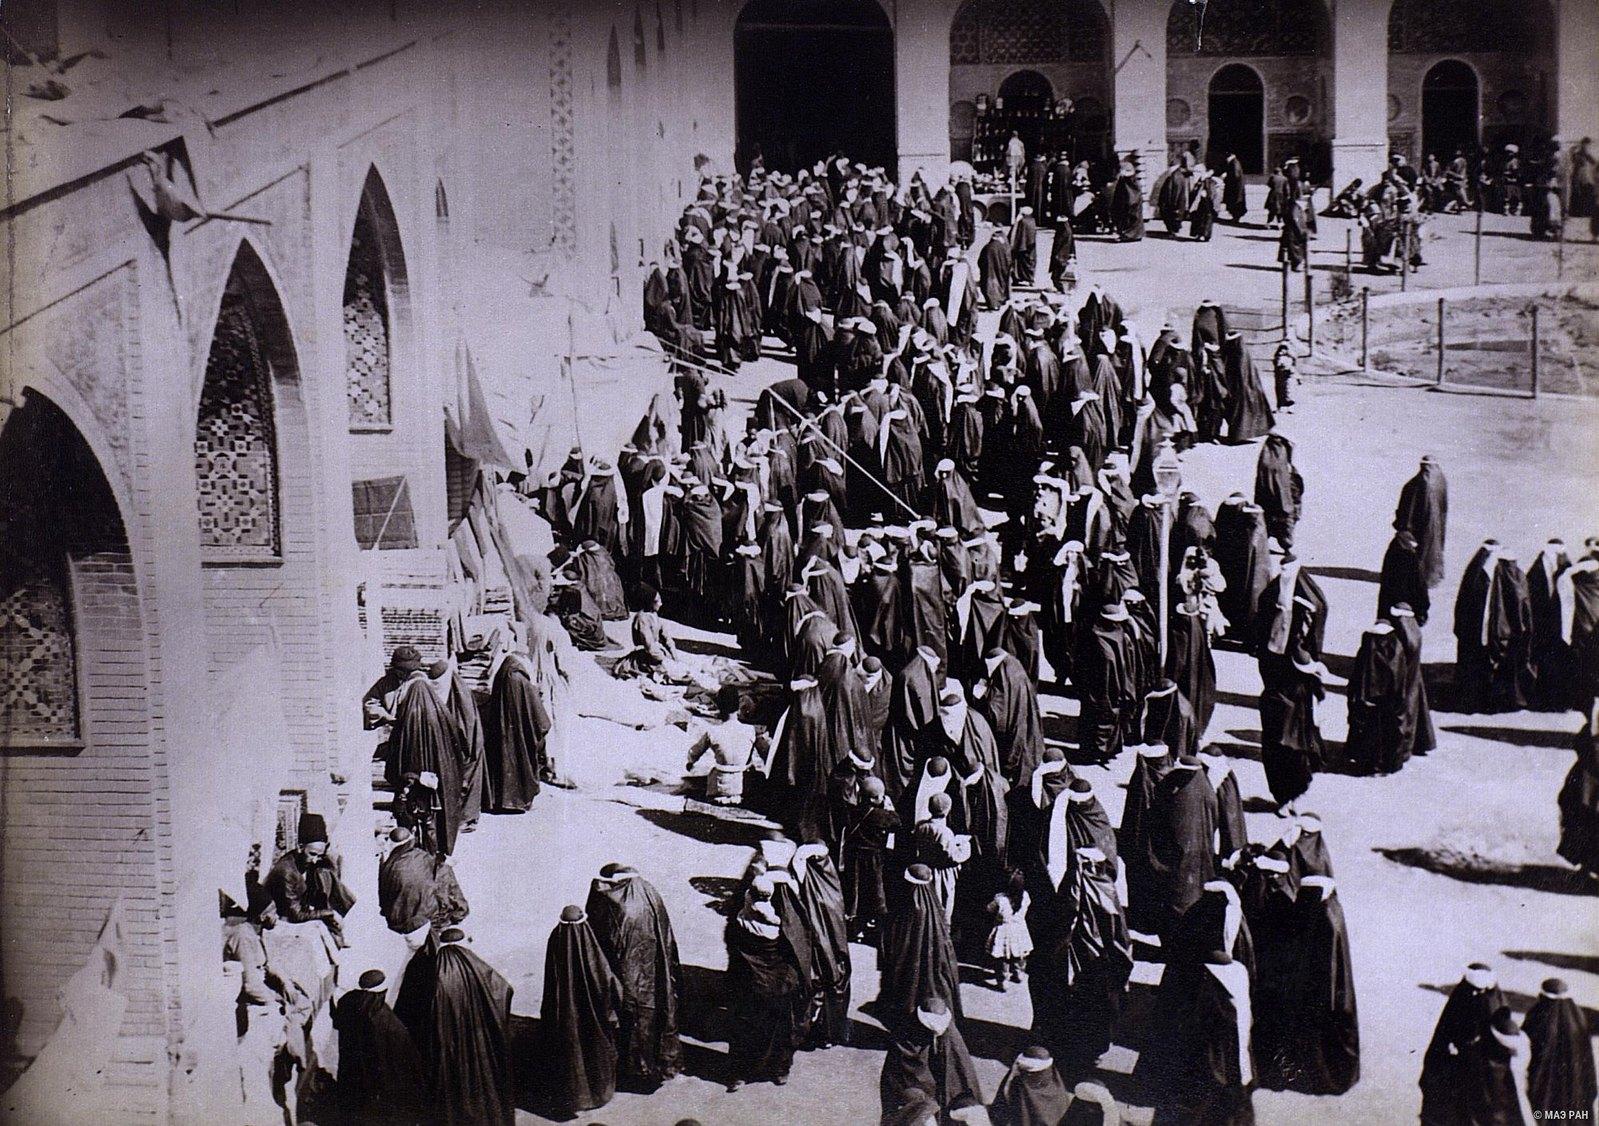 Женщины у входа в здание, где происходит мистерия в память смерти имама Хуссейна